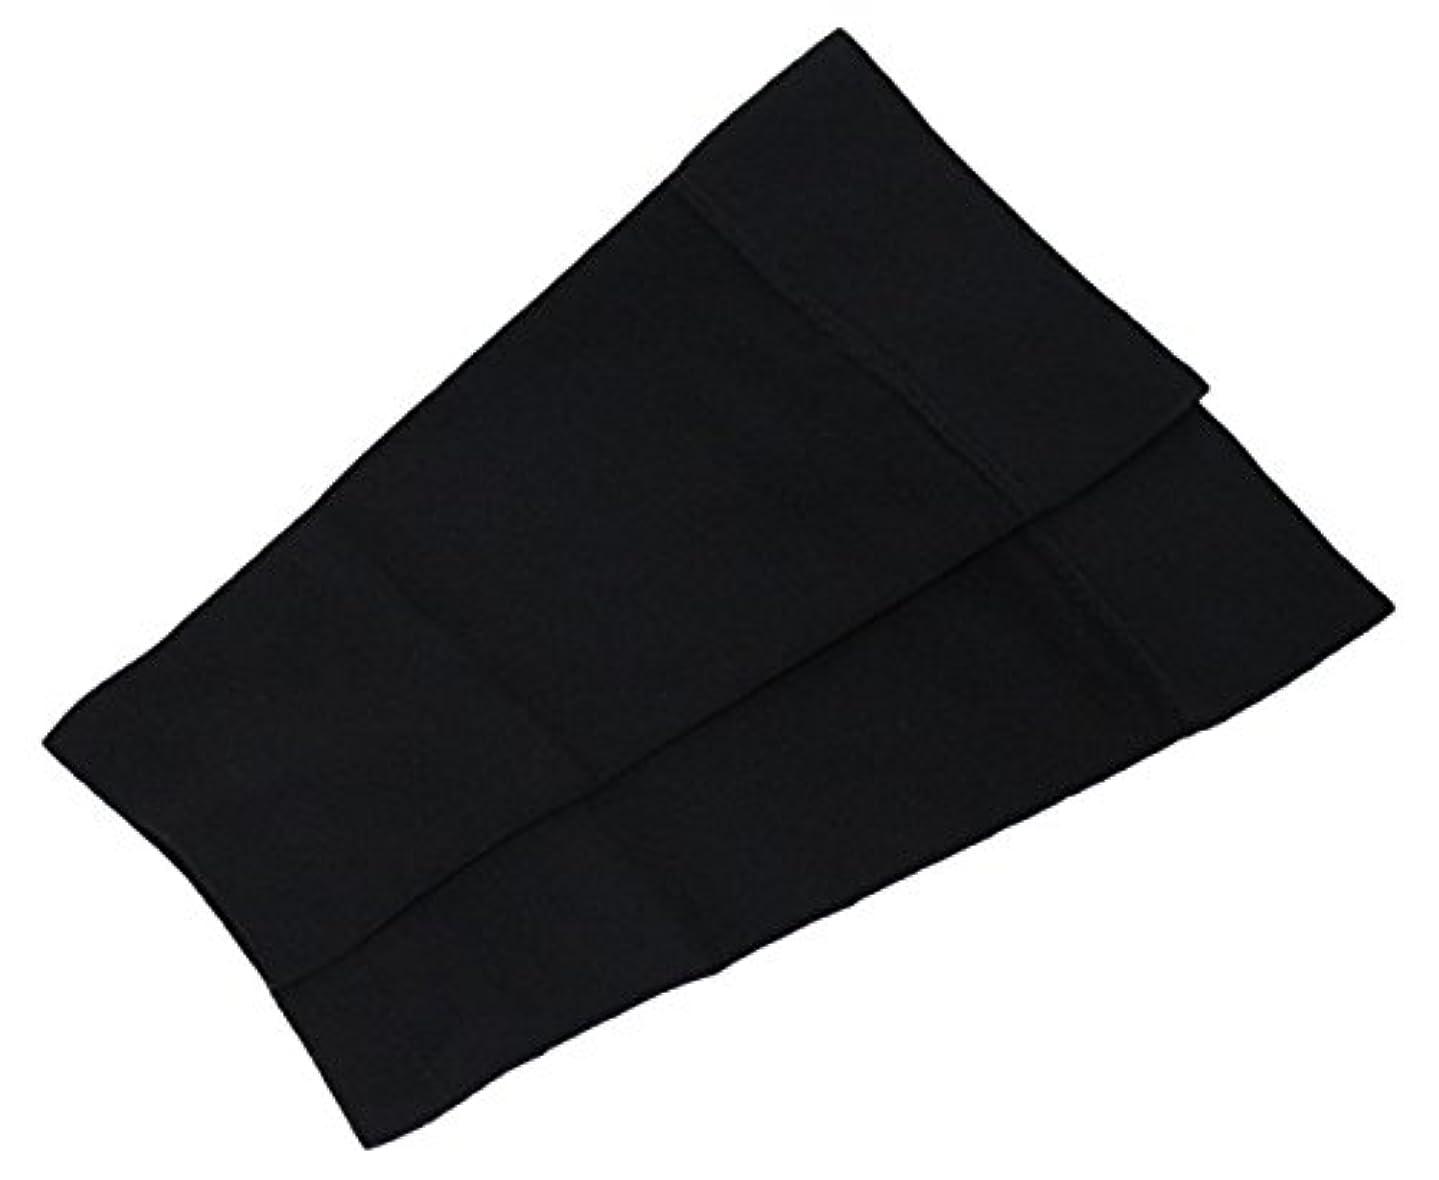 ひまわり人柄誤解を招くギロファ・ふくらはぎサポーター・メモリー02 ブラック Mサイズ